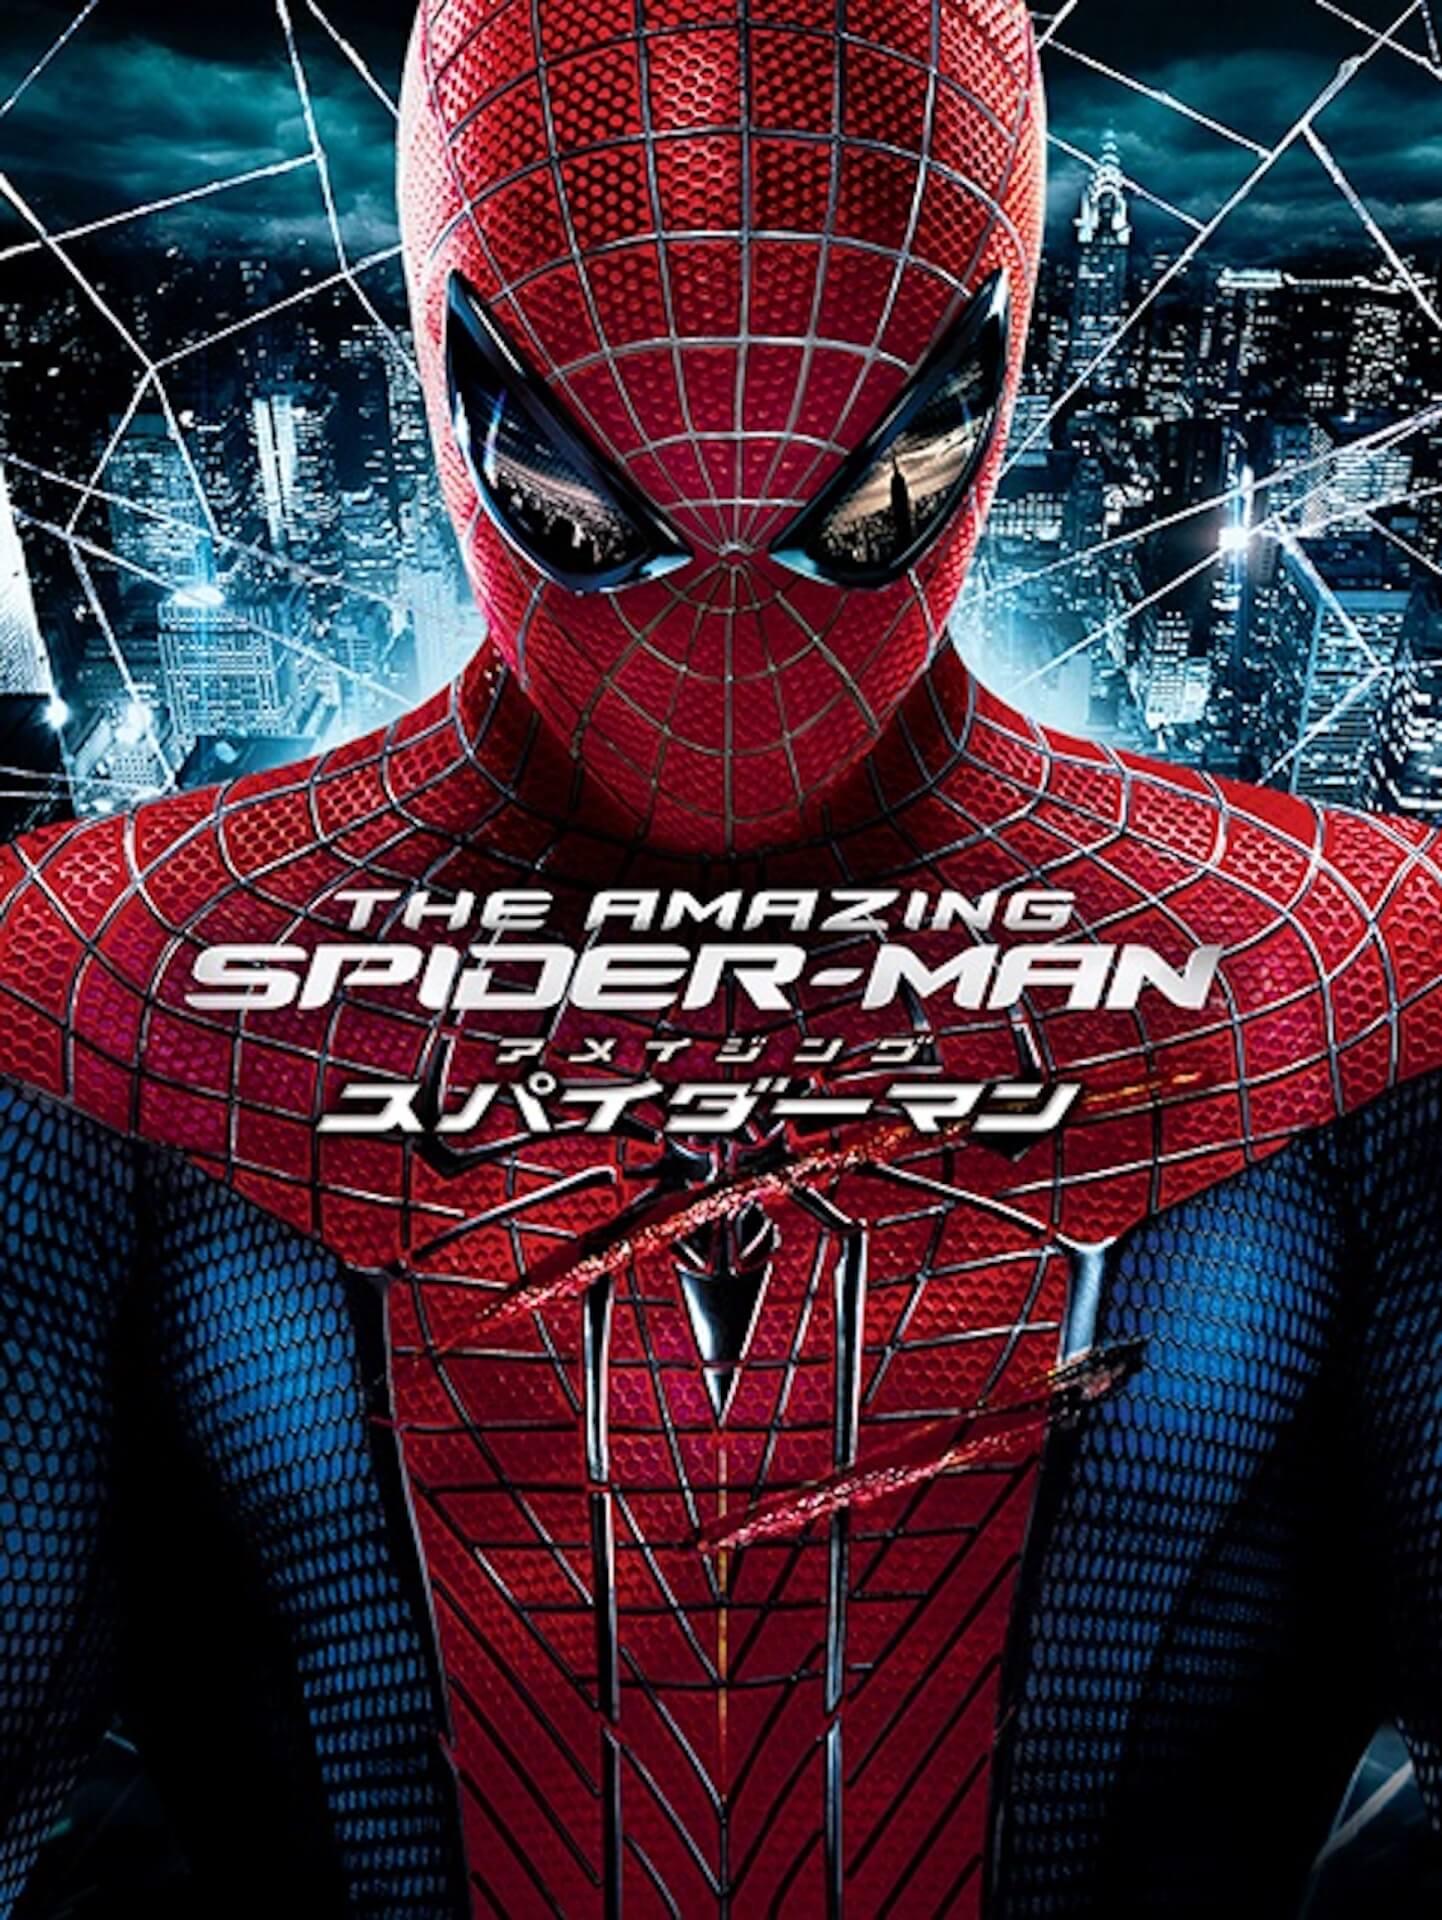 『スパイダーマン』シリーズの一部本編映像&NG映像も解禁!「スパイダーマン ファンウィーク」が本日より開催 flim210728_spiderman_2